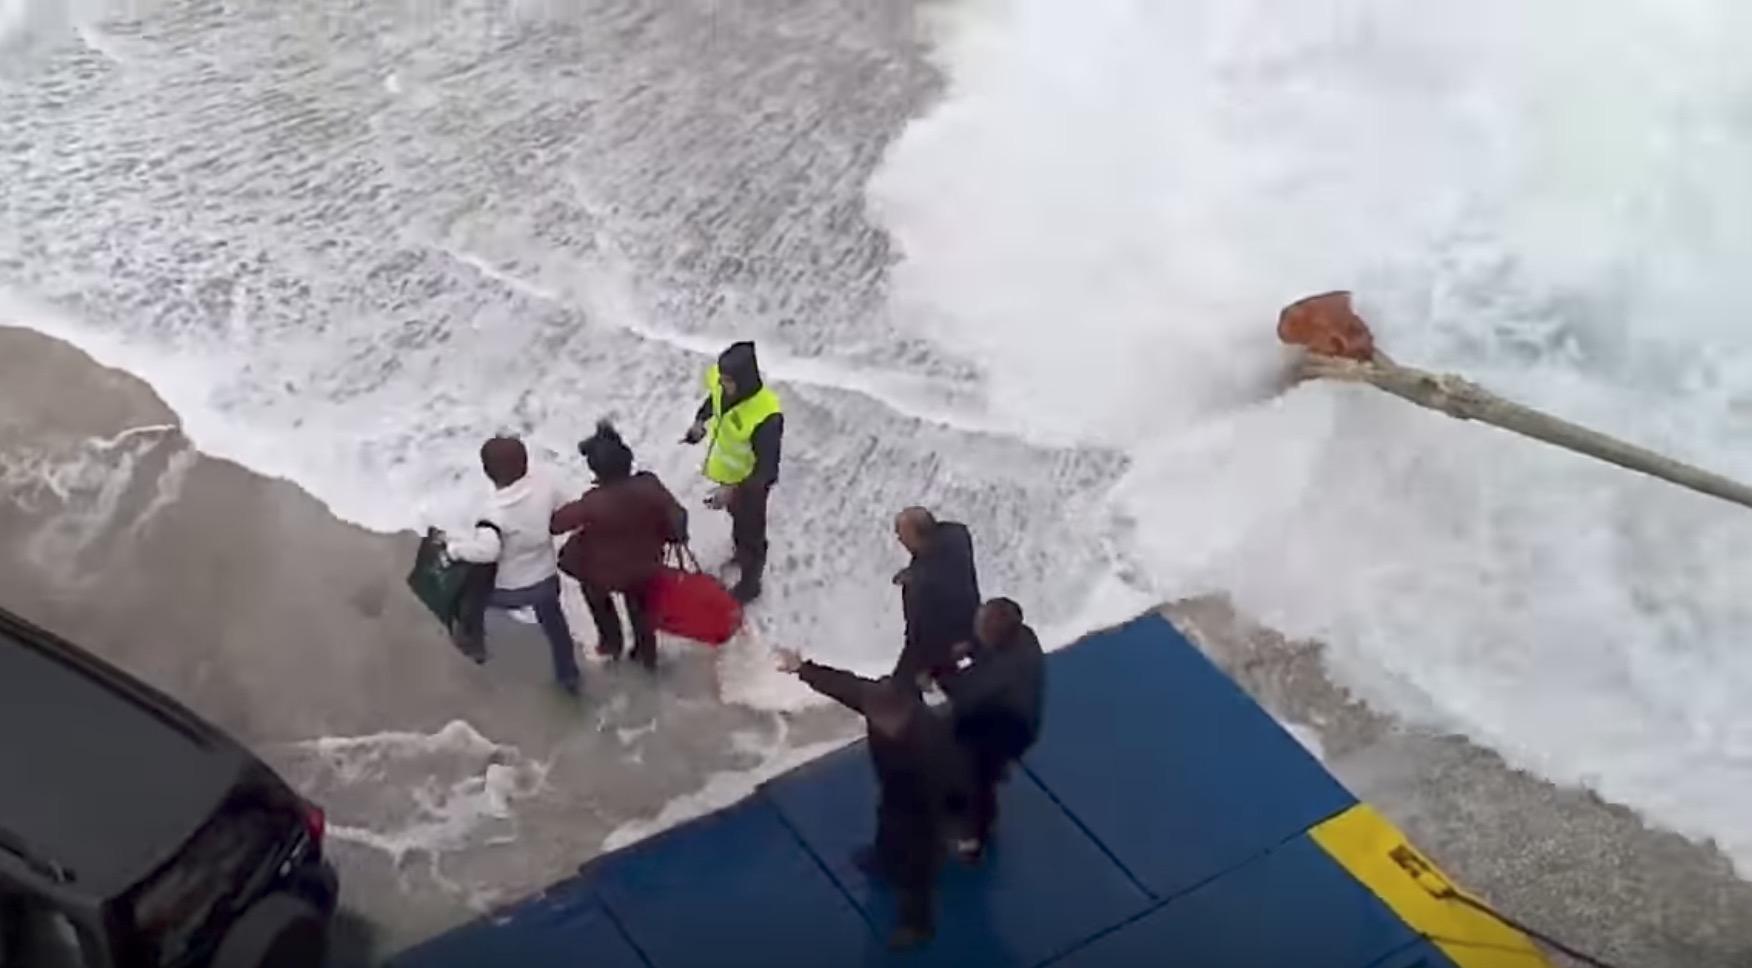 海が大荒れの時のフェリーの乗り降りは命がけ、、見ているだけでハラハラする。。